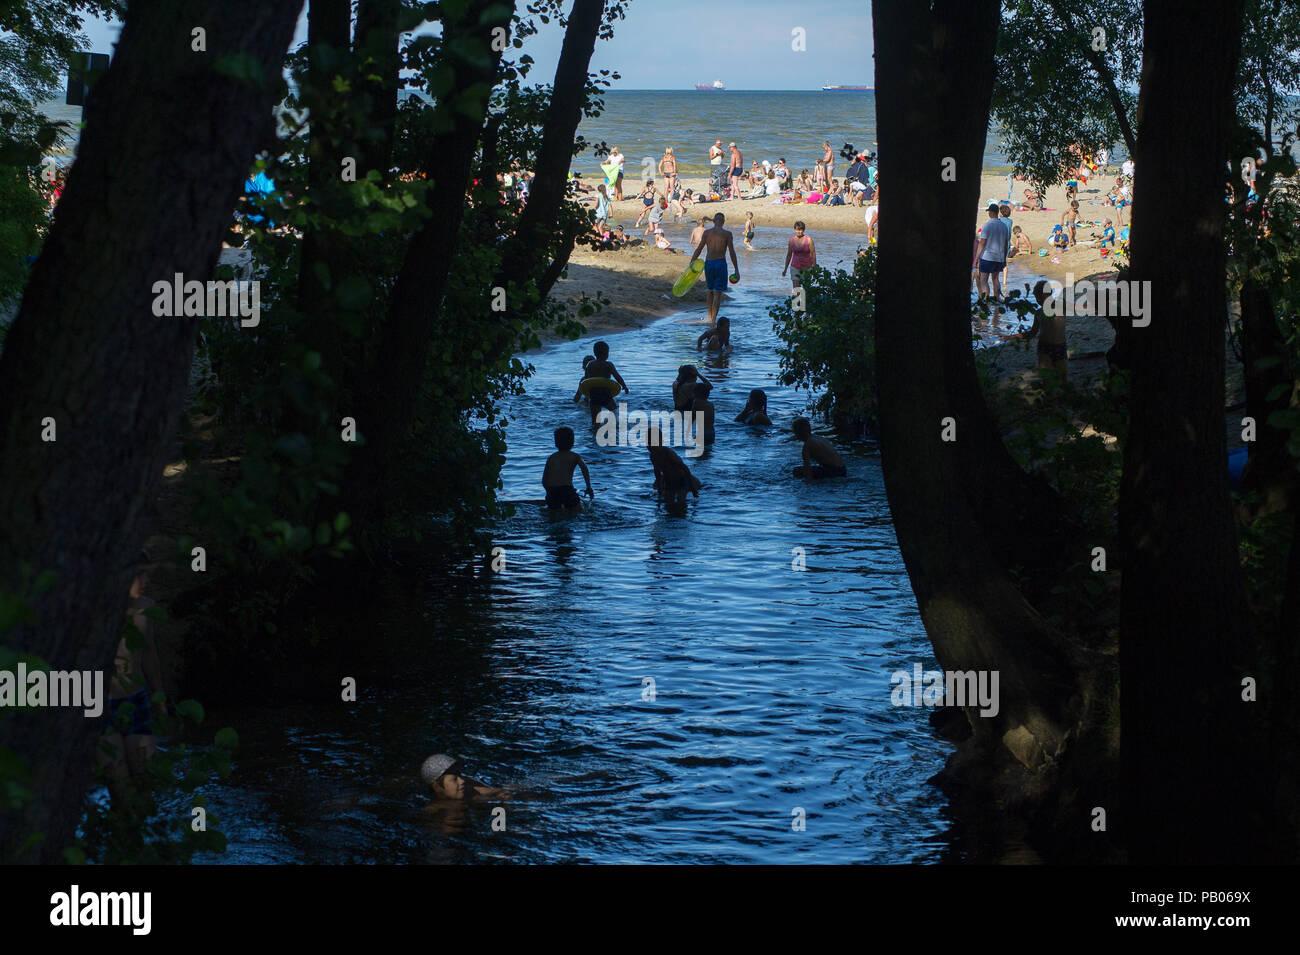 River mouth of Potok Oliwski (Oliwski Stream) in hot day on a crowded beach in Gdansk, Poland 20th July 2018 © Wojciech Strozyk / Alamy Stock Photo - Stock Image